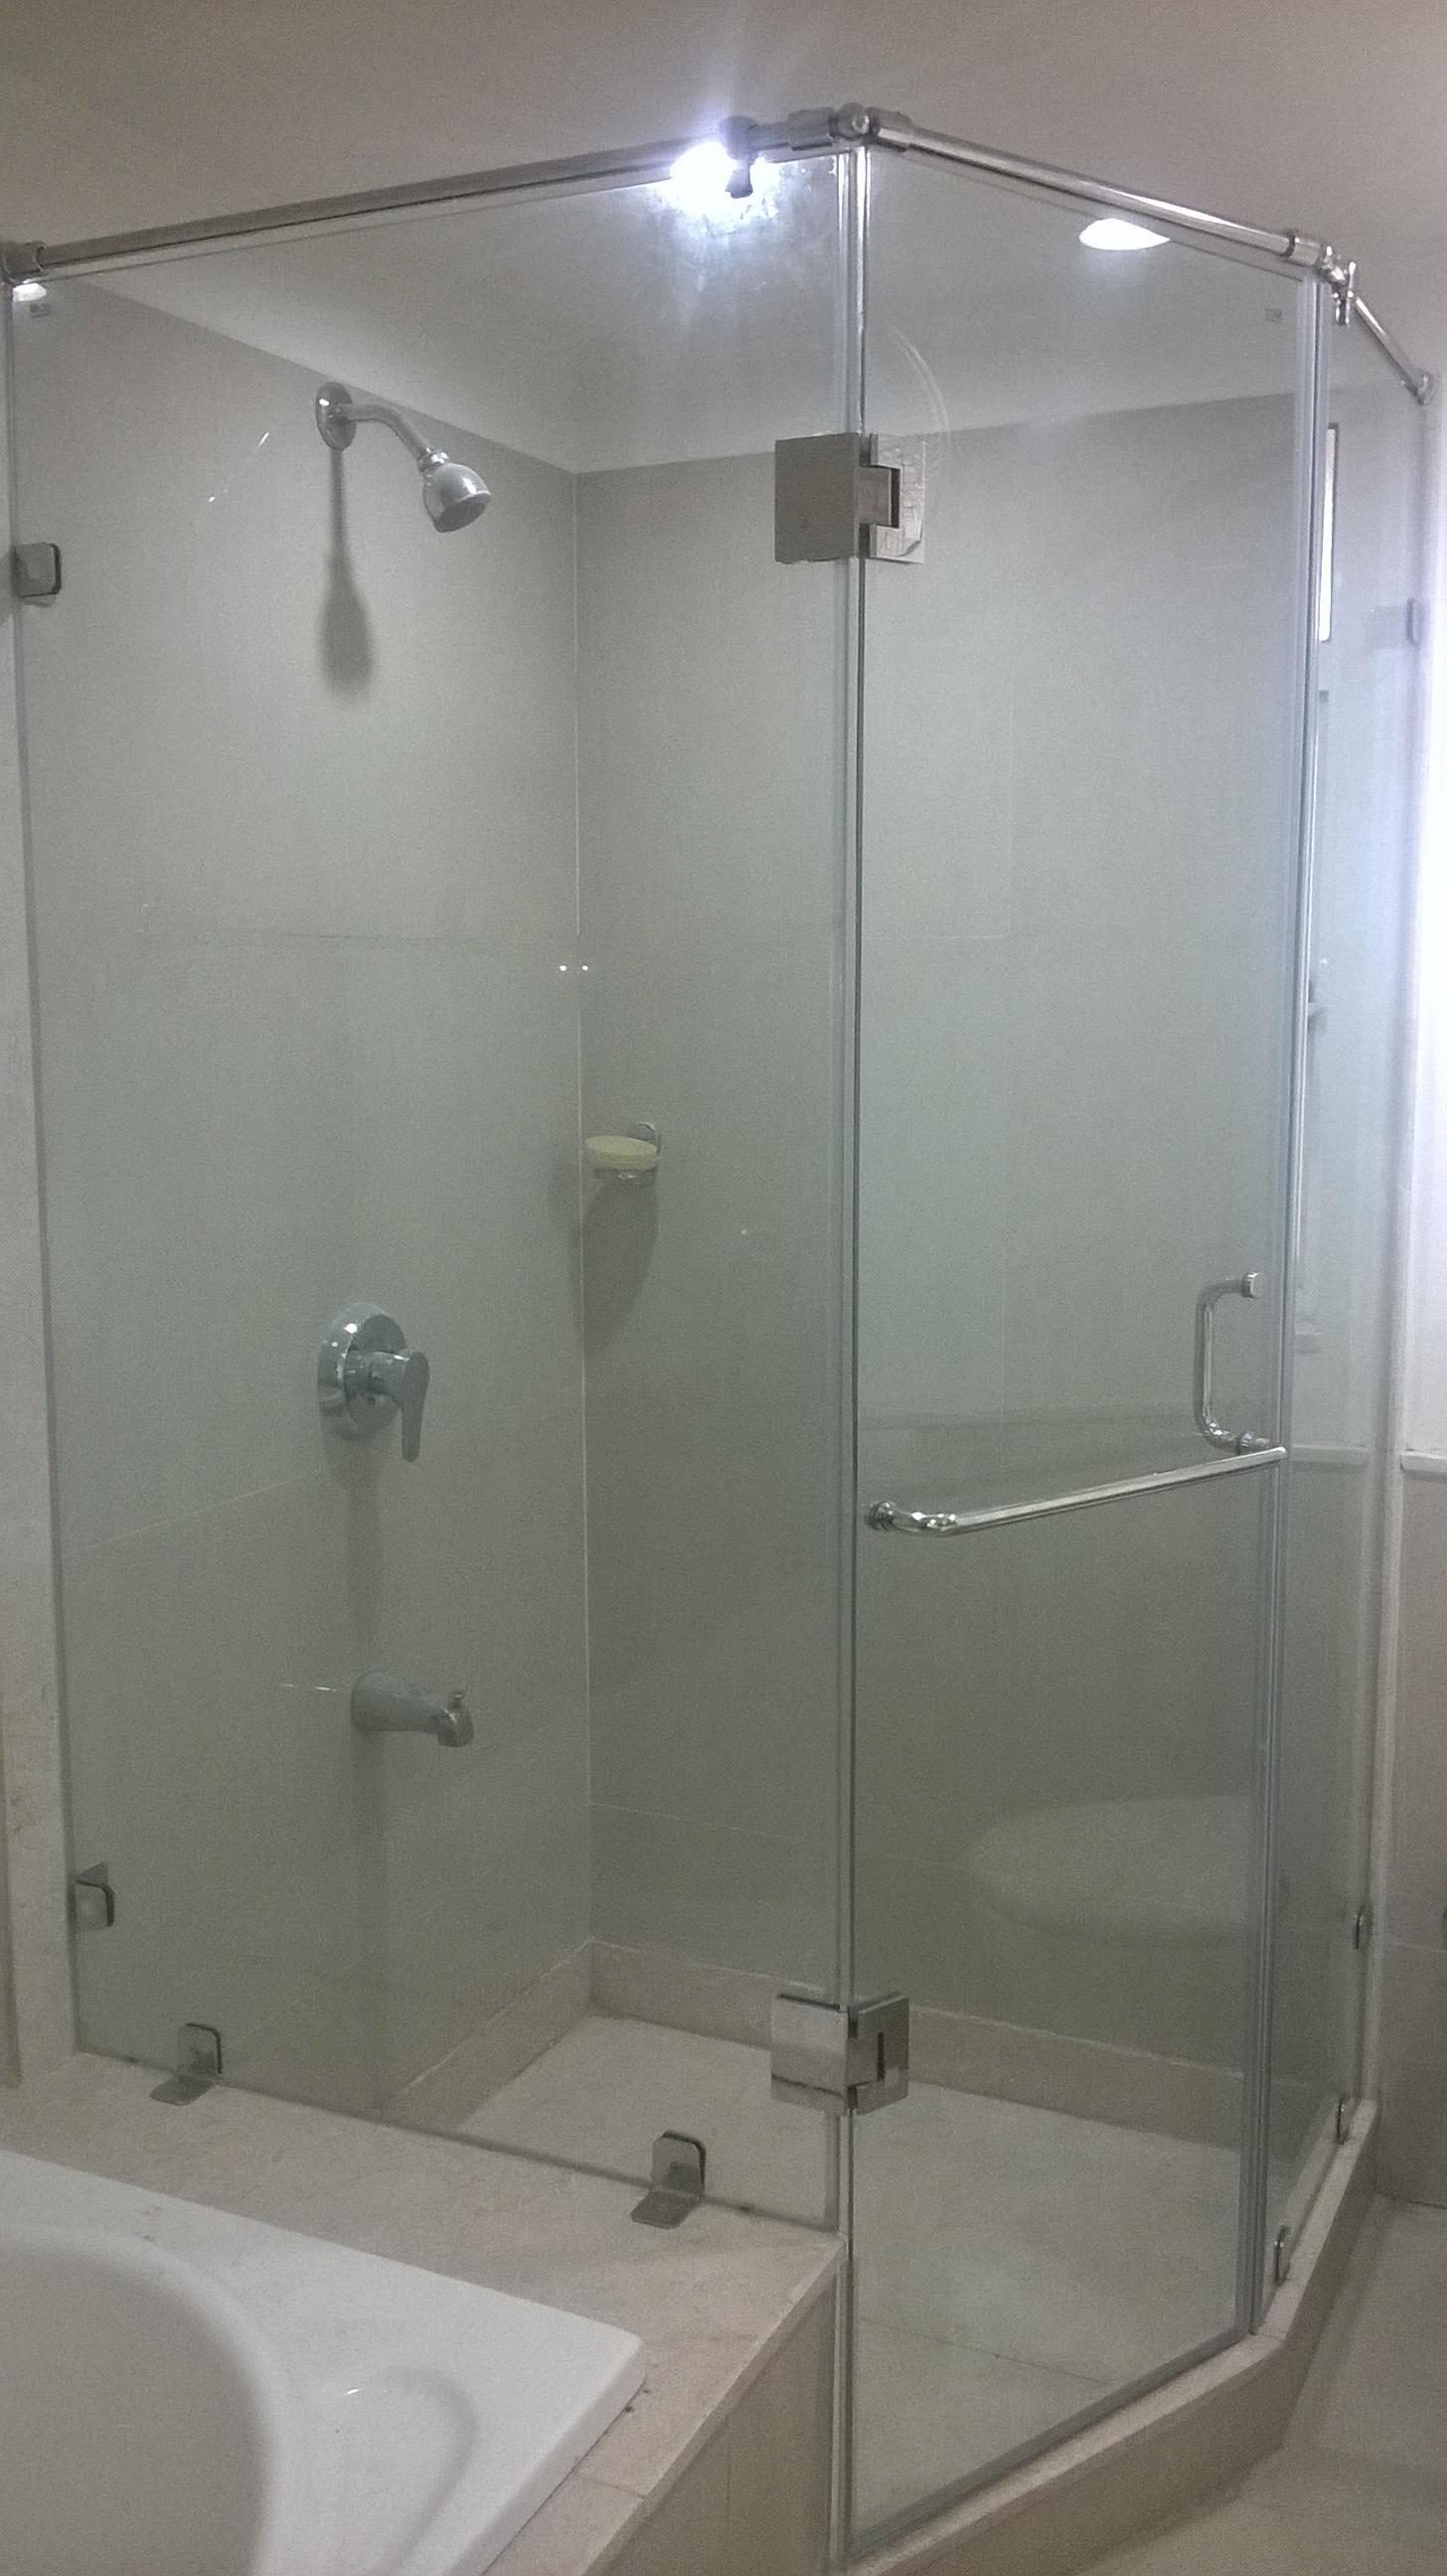 frameless glass shower partiti....